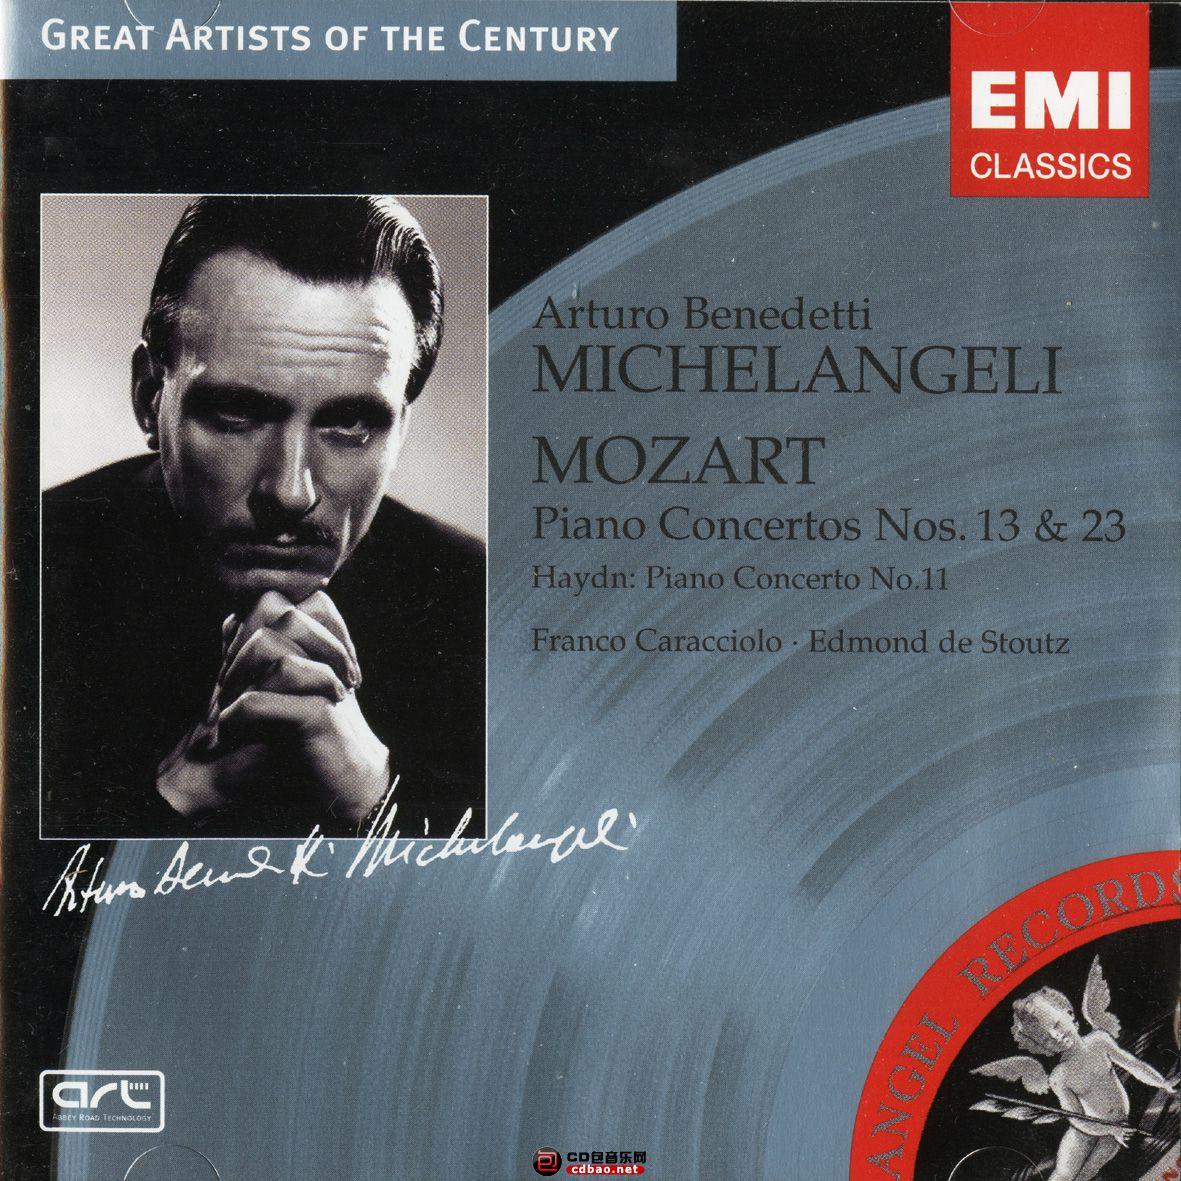 Michelangeli_Mozart & Haydn Piano Concerto.01.jpg